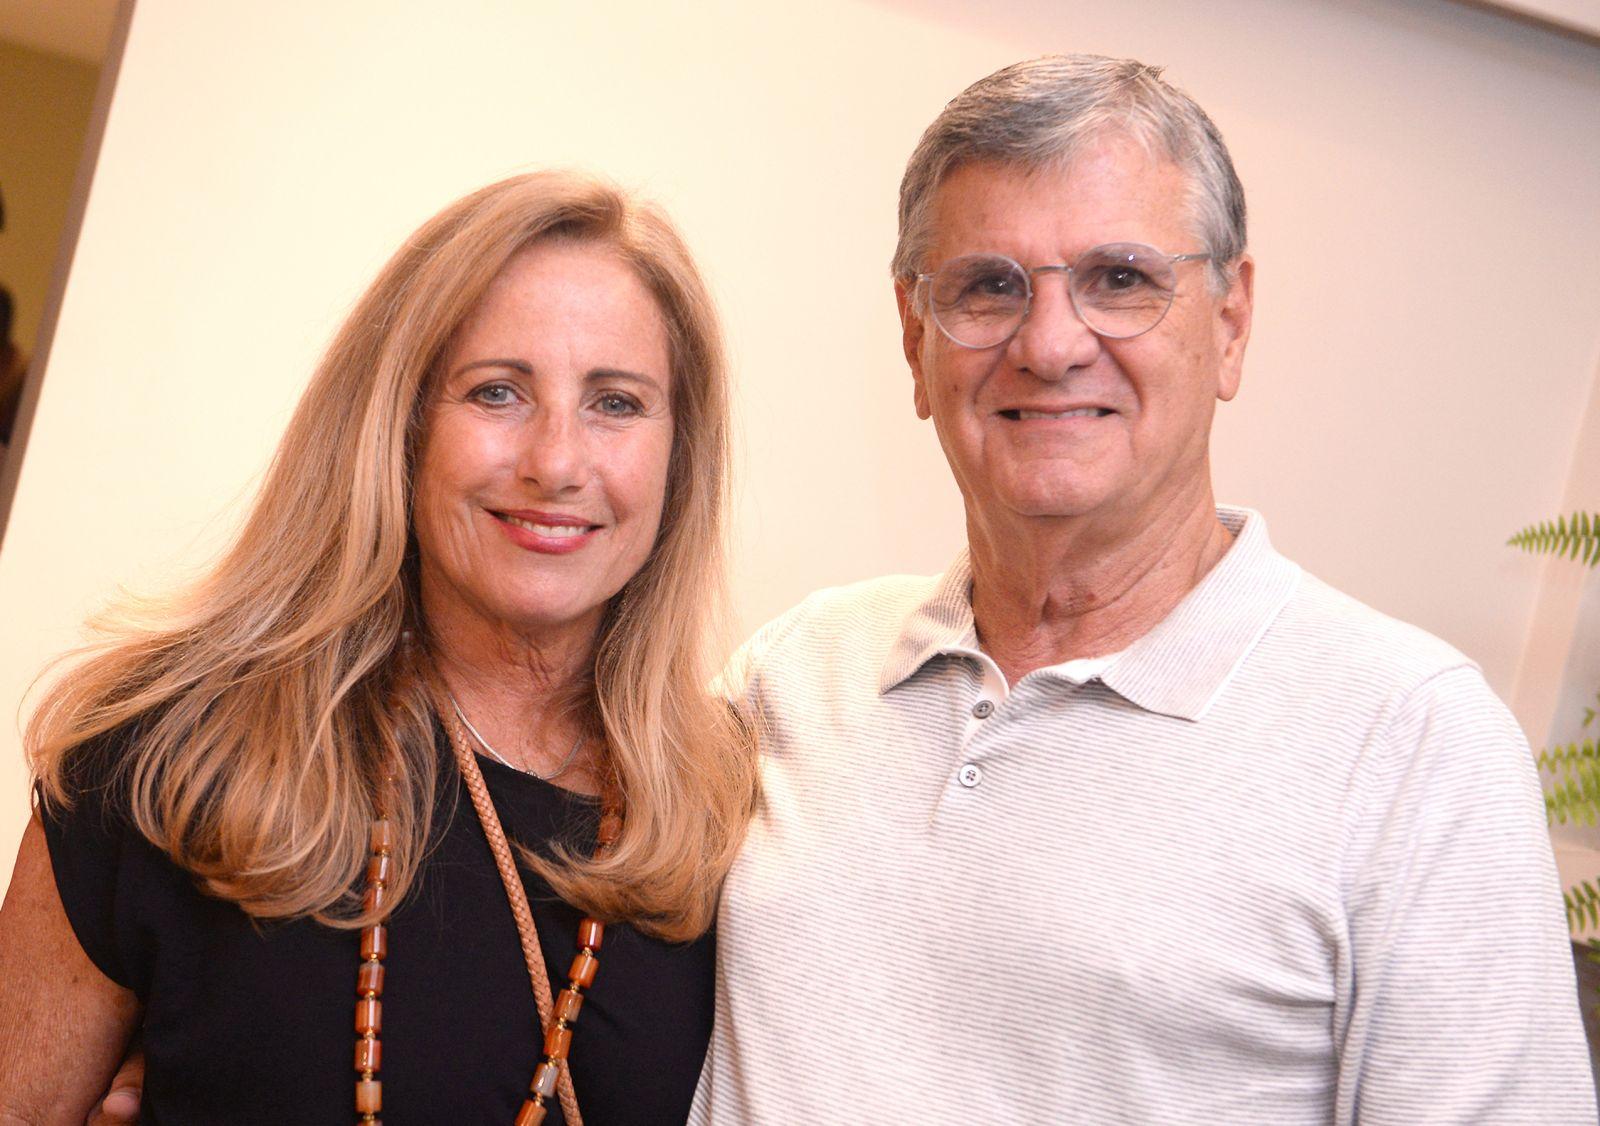 Armando Correa Ribeiro e Sinisia estarão expondo suas fotos very special, logo mais às 18,30h no Museu da Misericórdia.